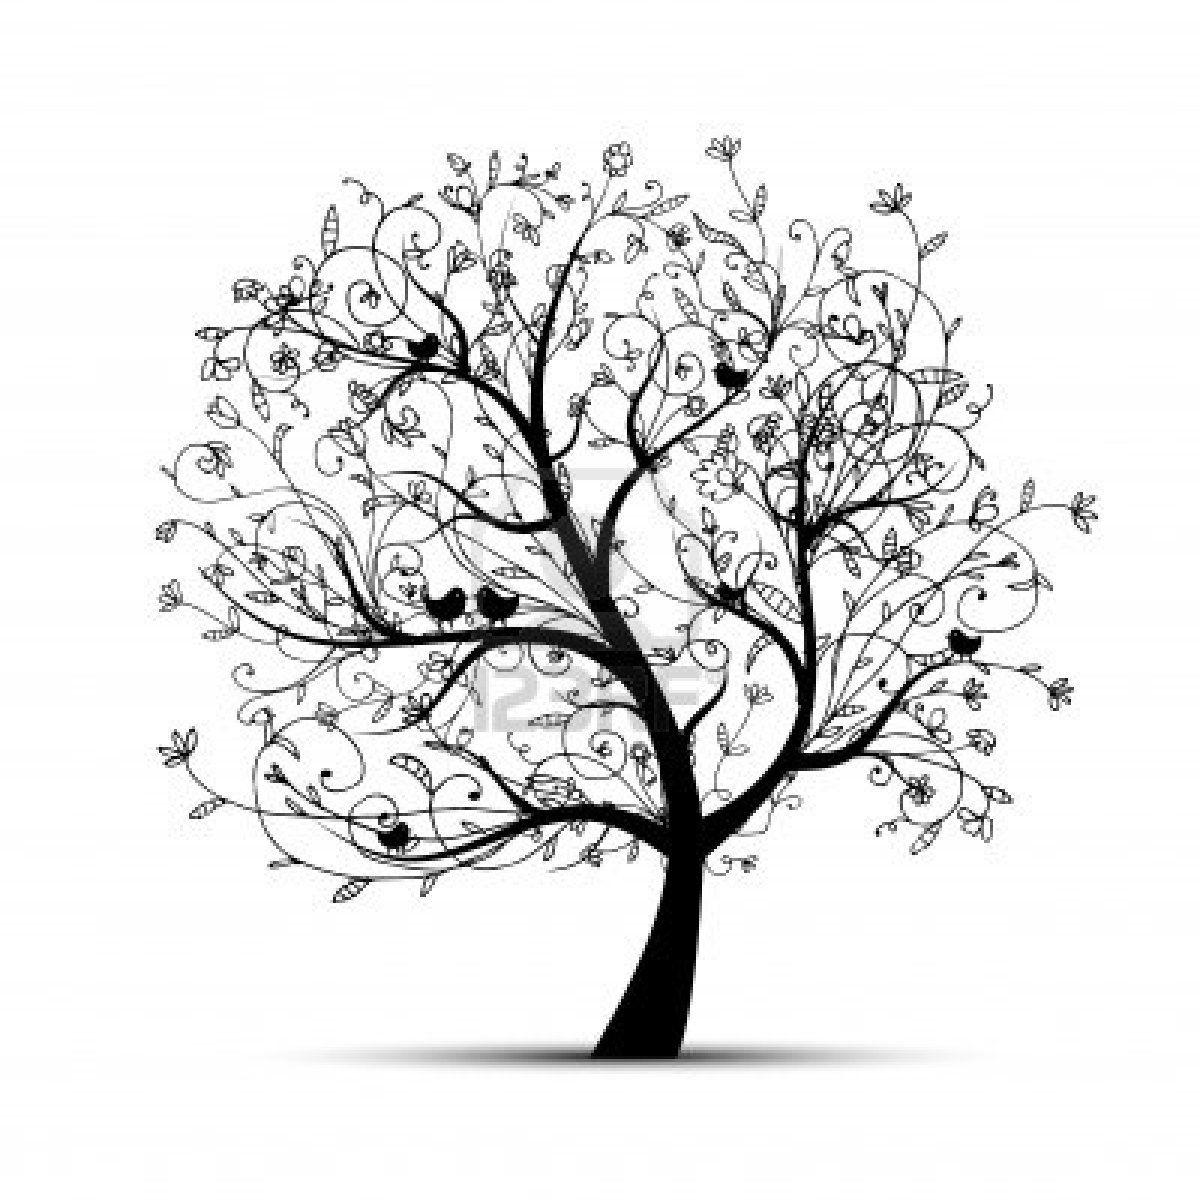 pin de martha elizabeth pailos en and trees y arboles. Black Bedroom Furniture Sets. Home Design Ideas